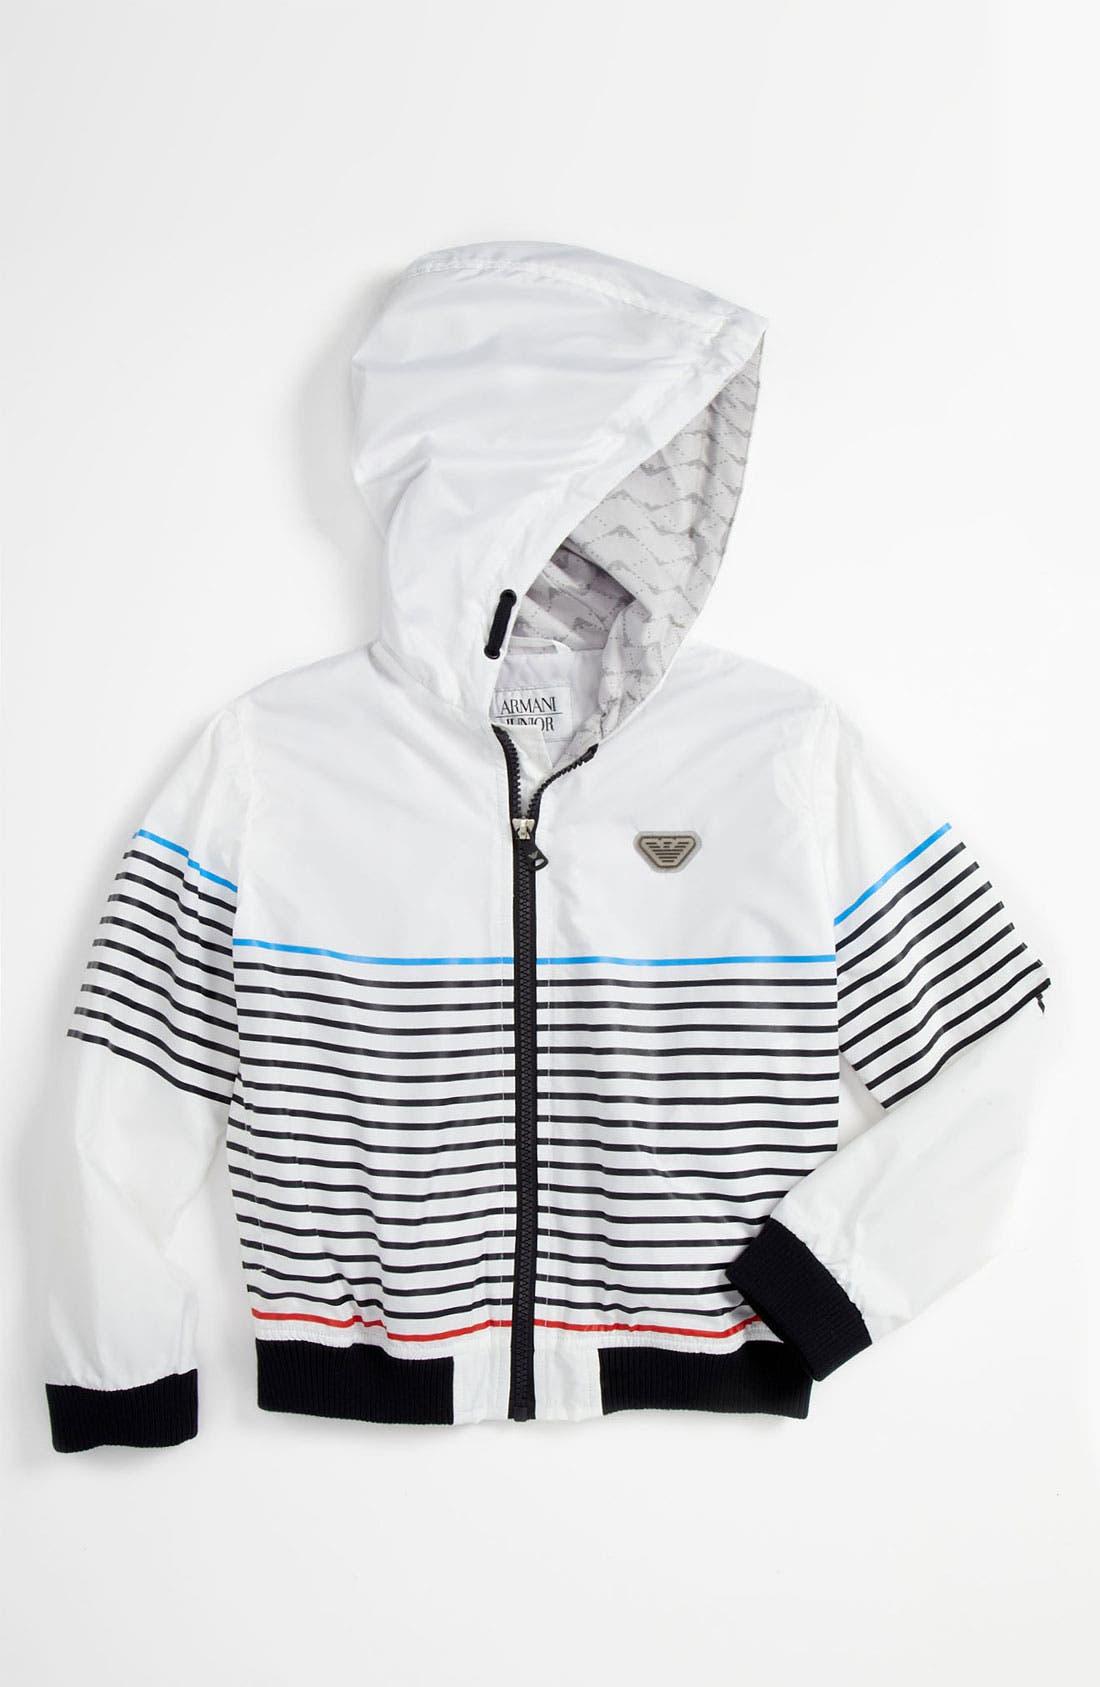 Main Image - Armani Junior Stripe Jacket (Toddler)